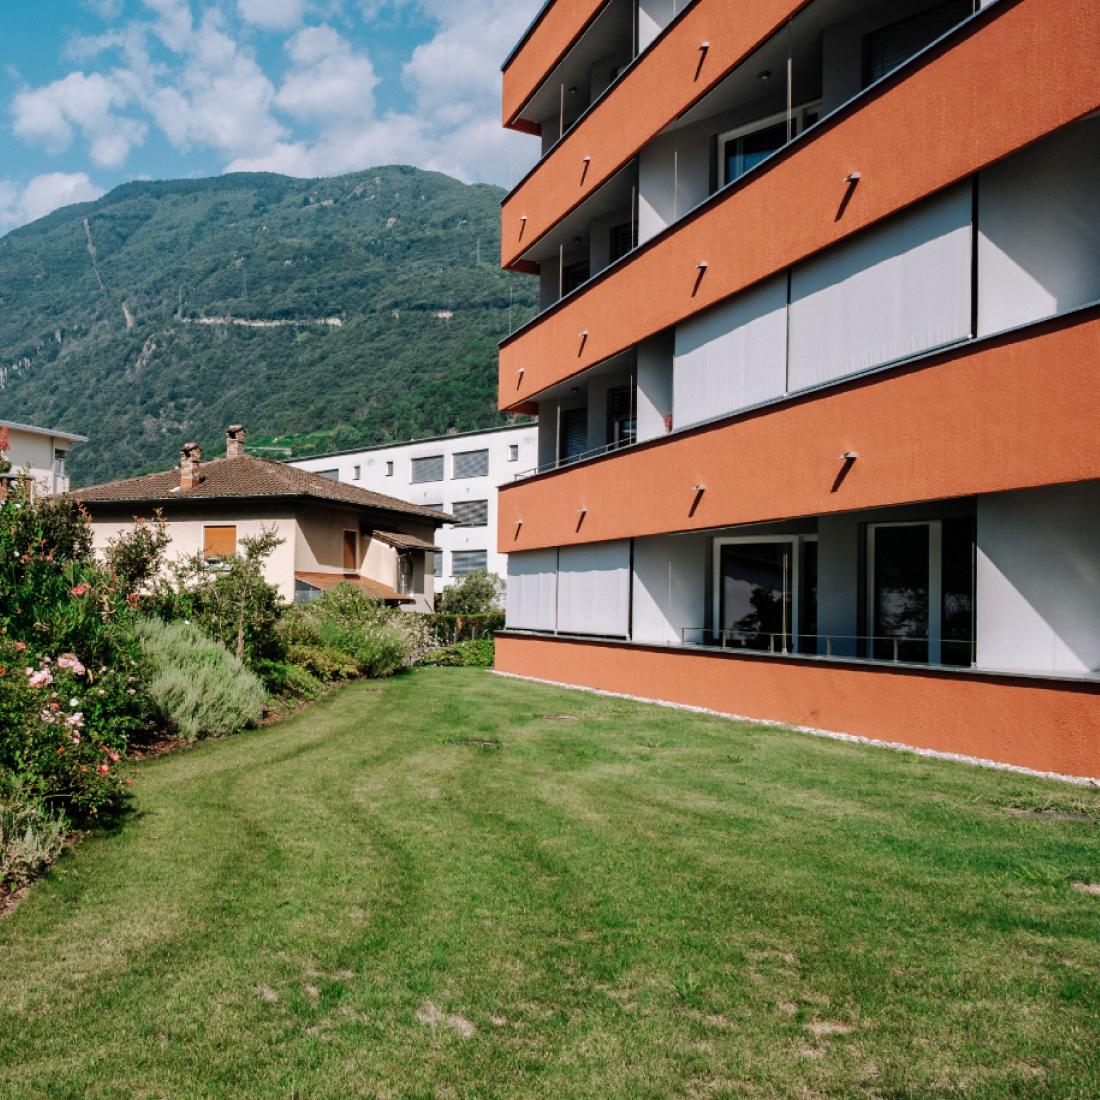 Residenza Artemia ad Ascona - PIANIFICA